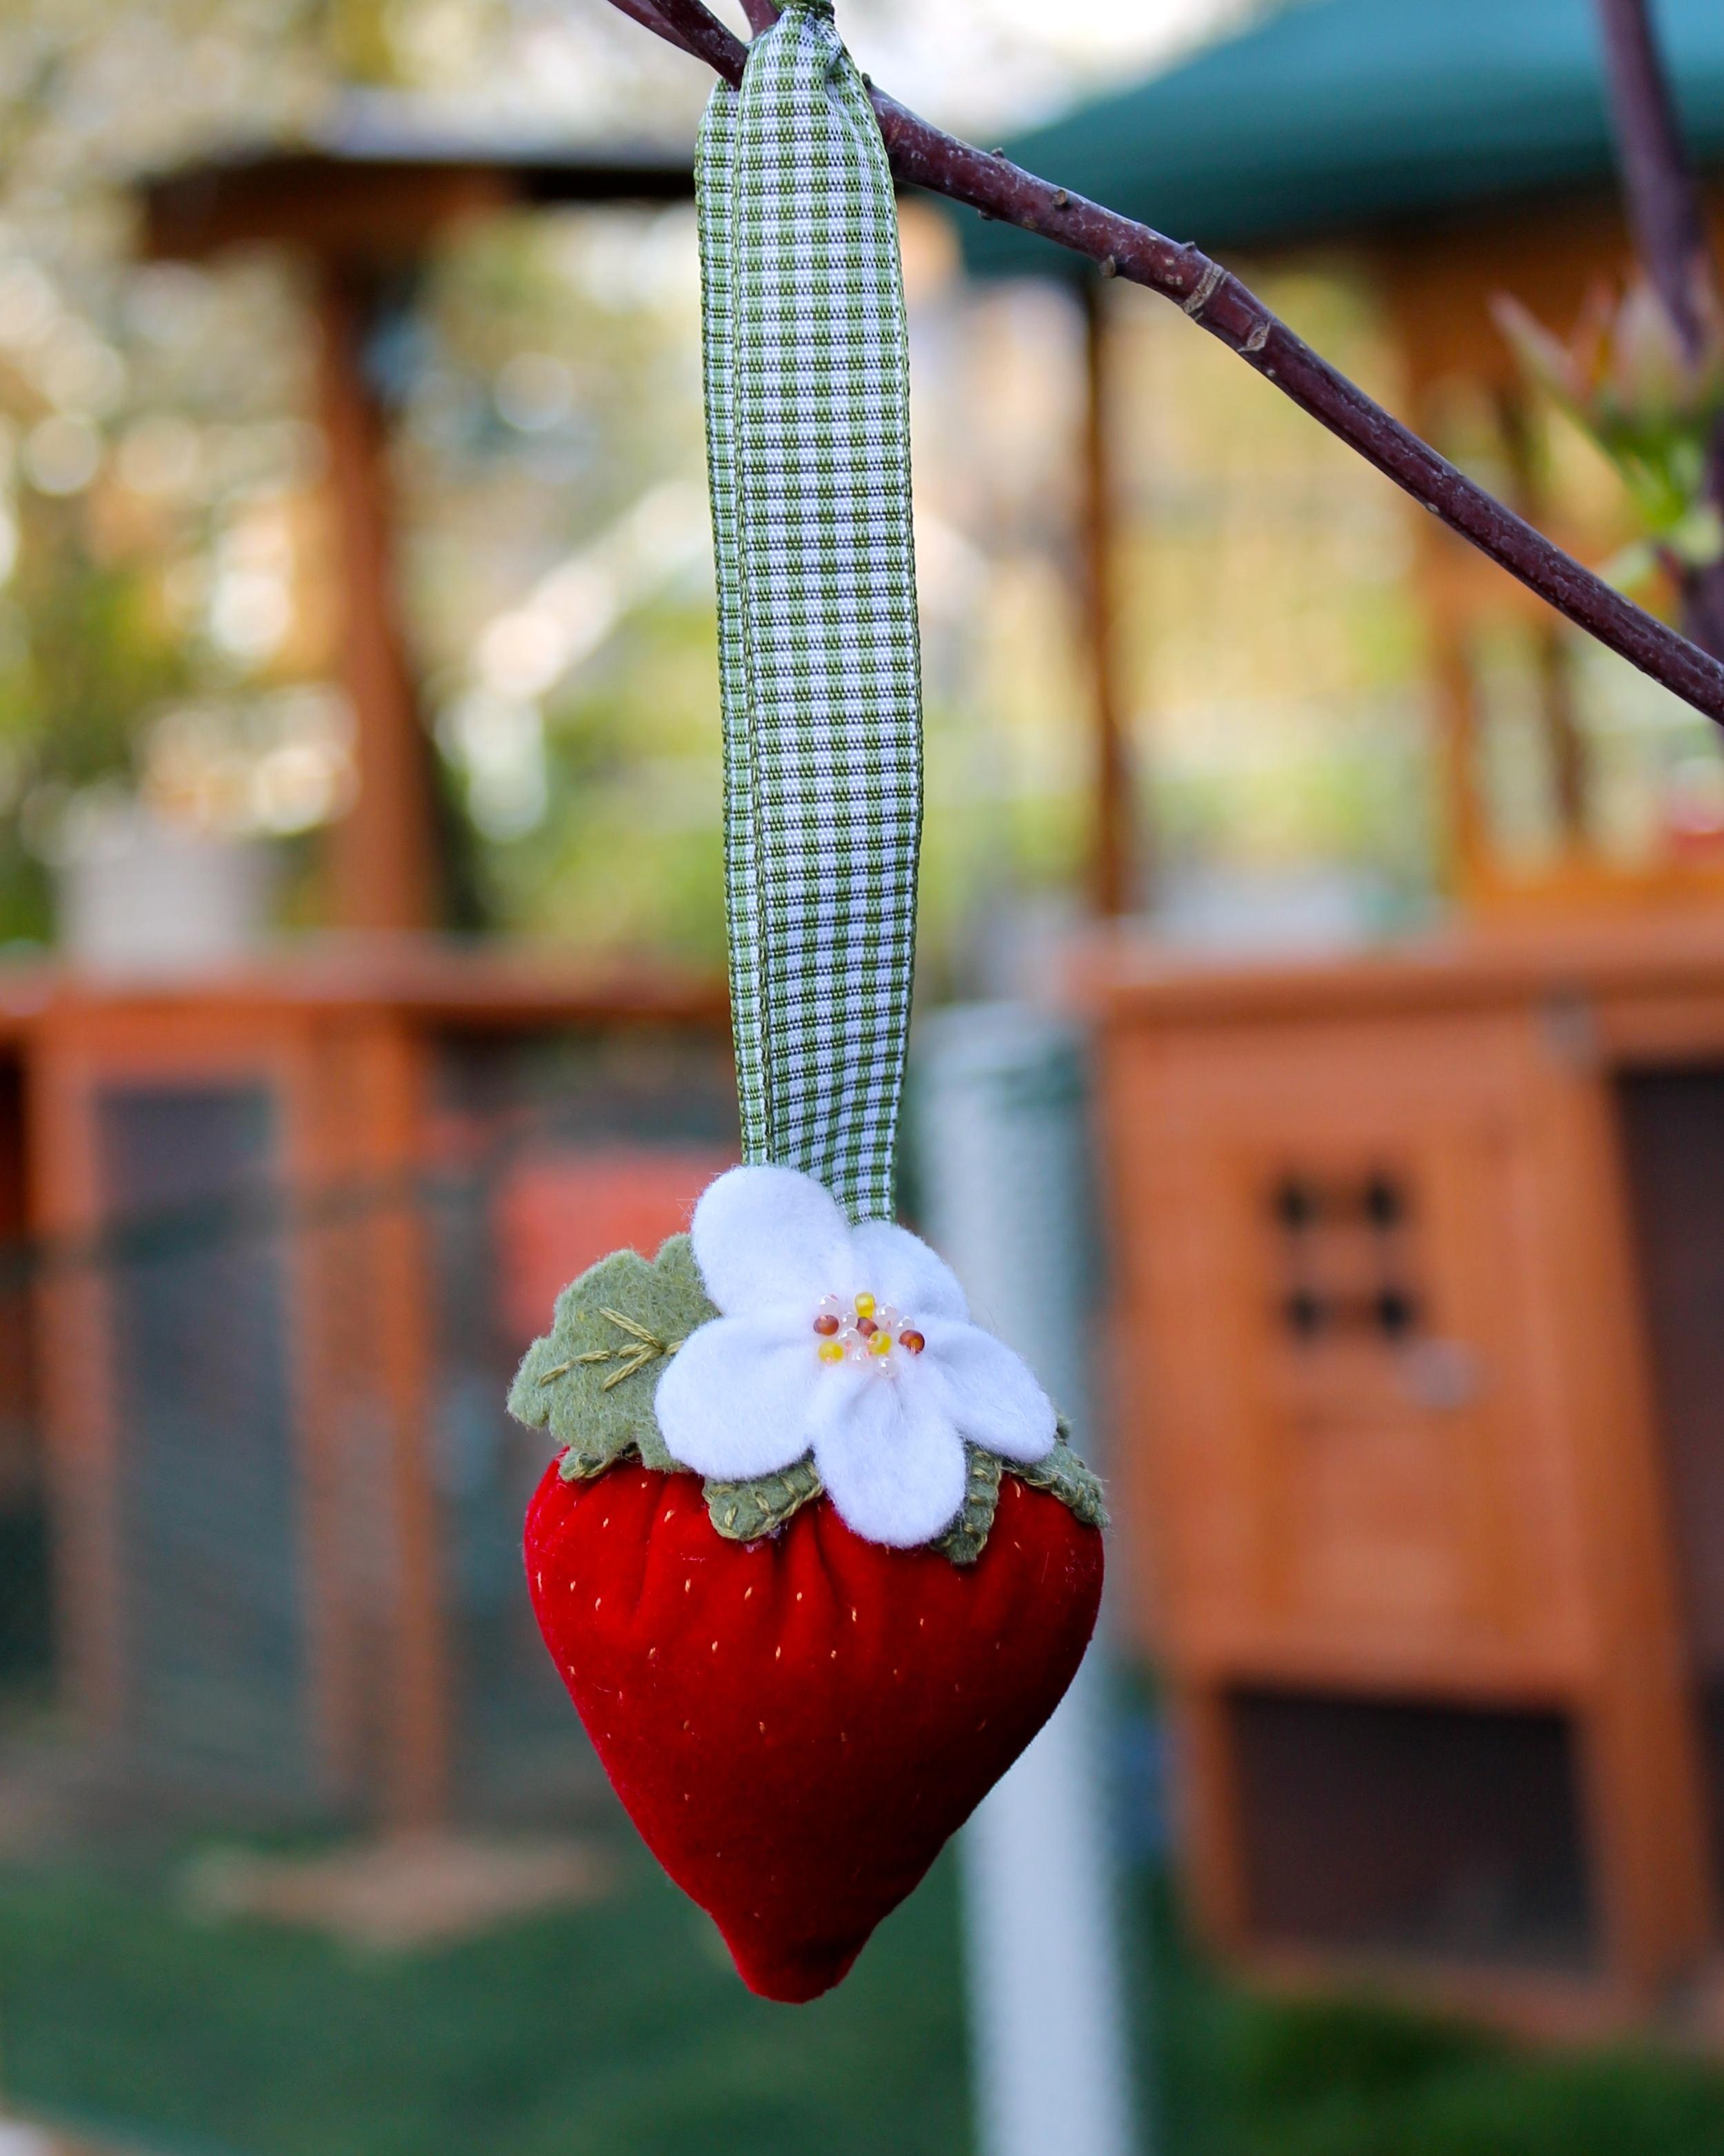 Pincushion shaped like a strawberry